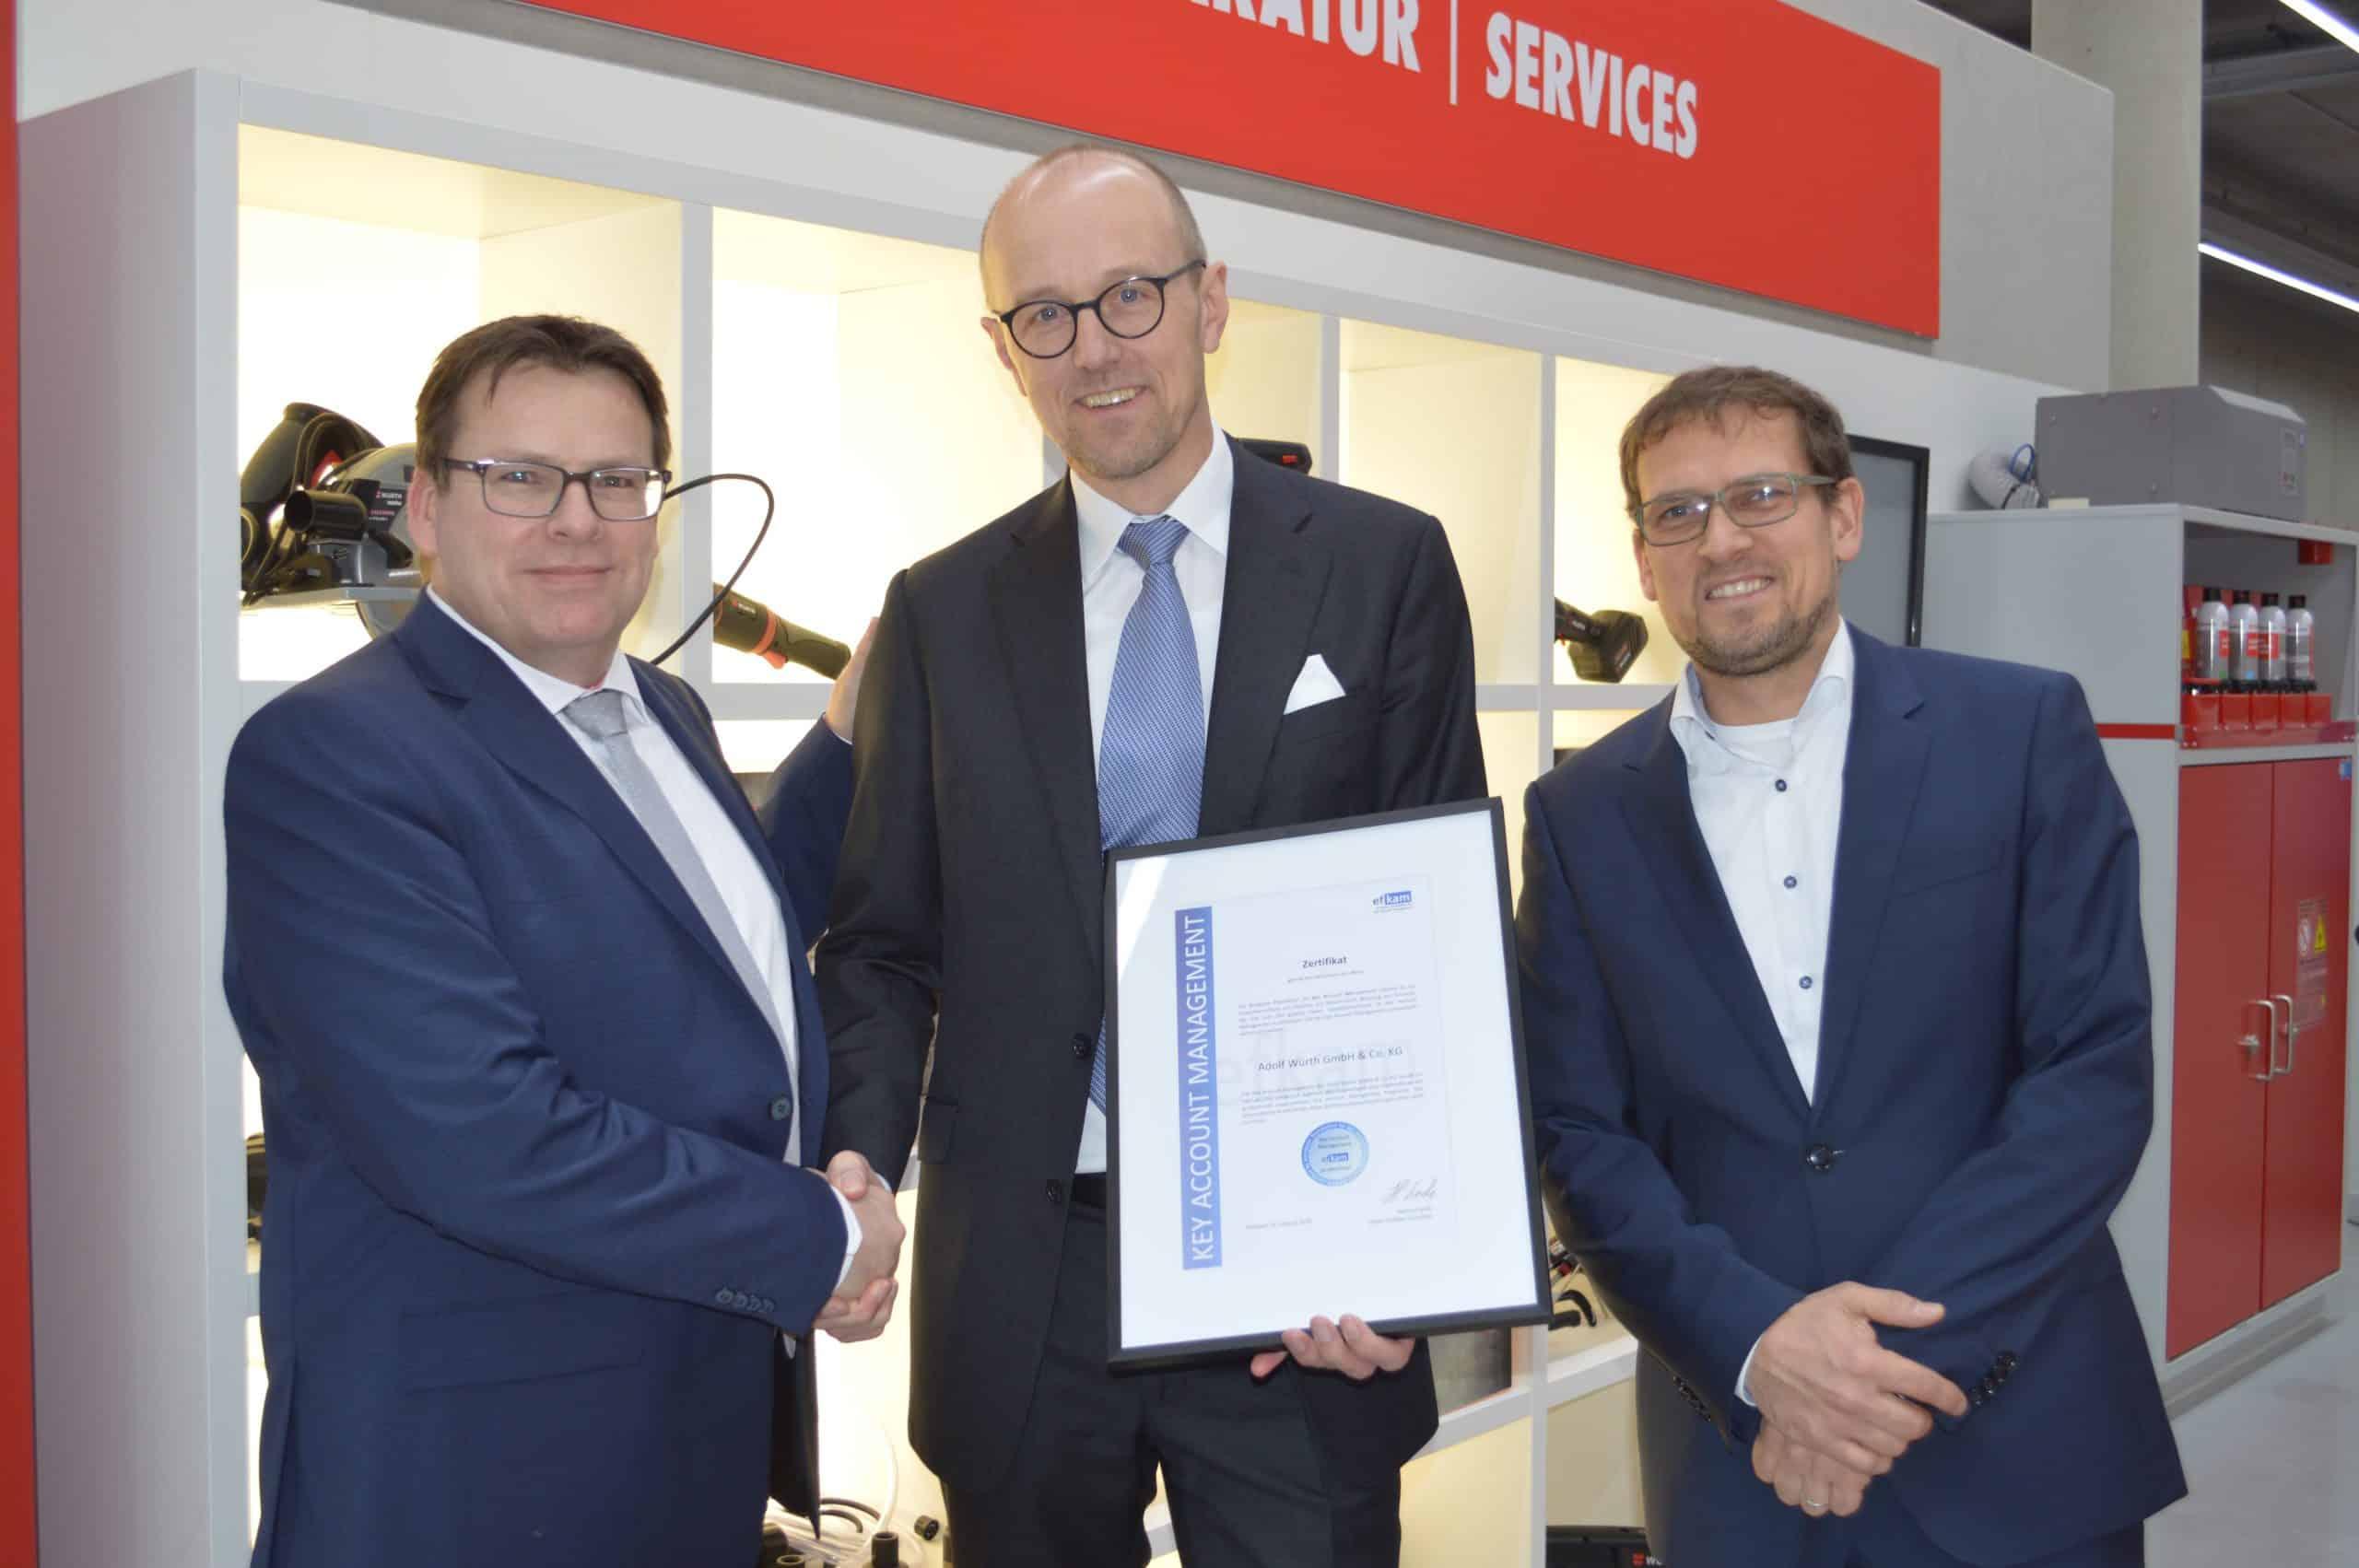 Key Account Management Zertifizierung nach efkam bei Würth (Übergabe vom Zertifikat an Dirk Borcherding und Tobias Hügel)